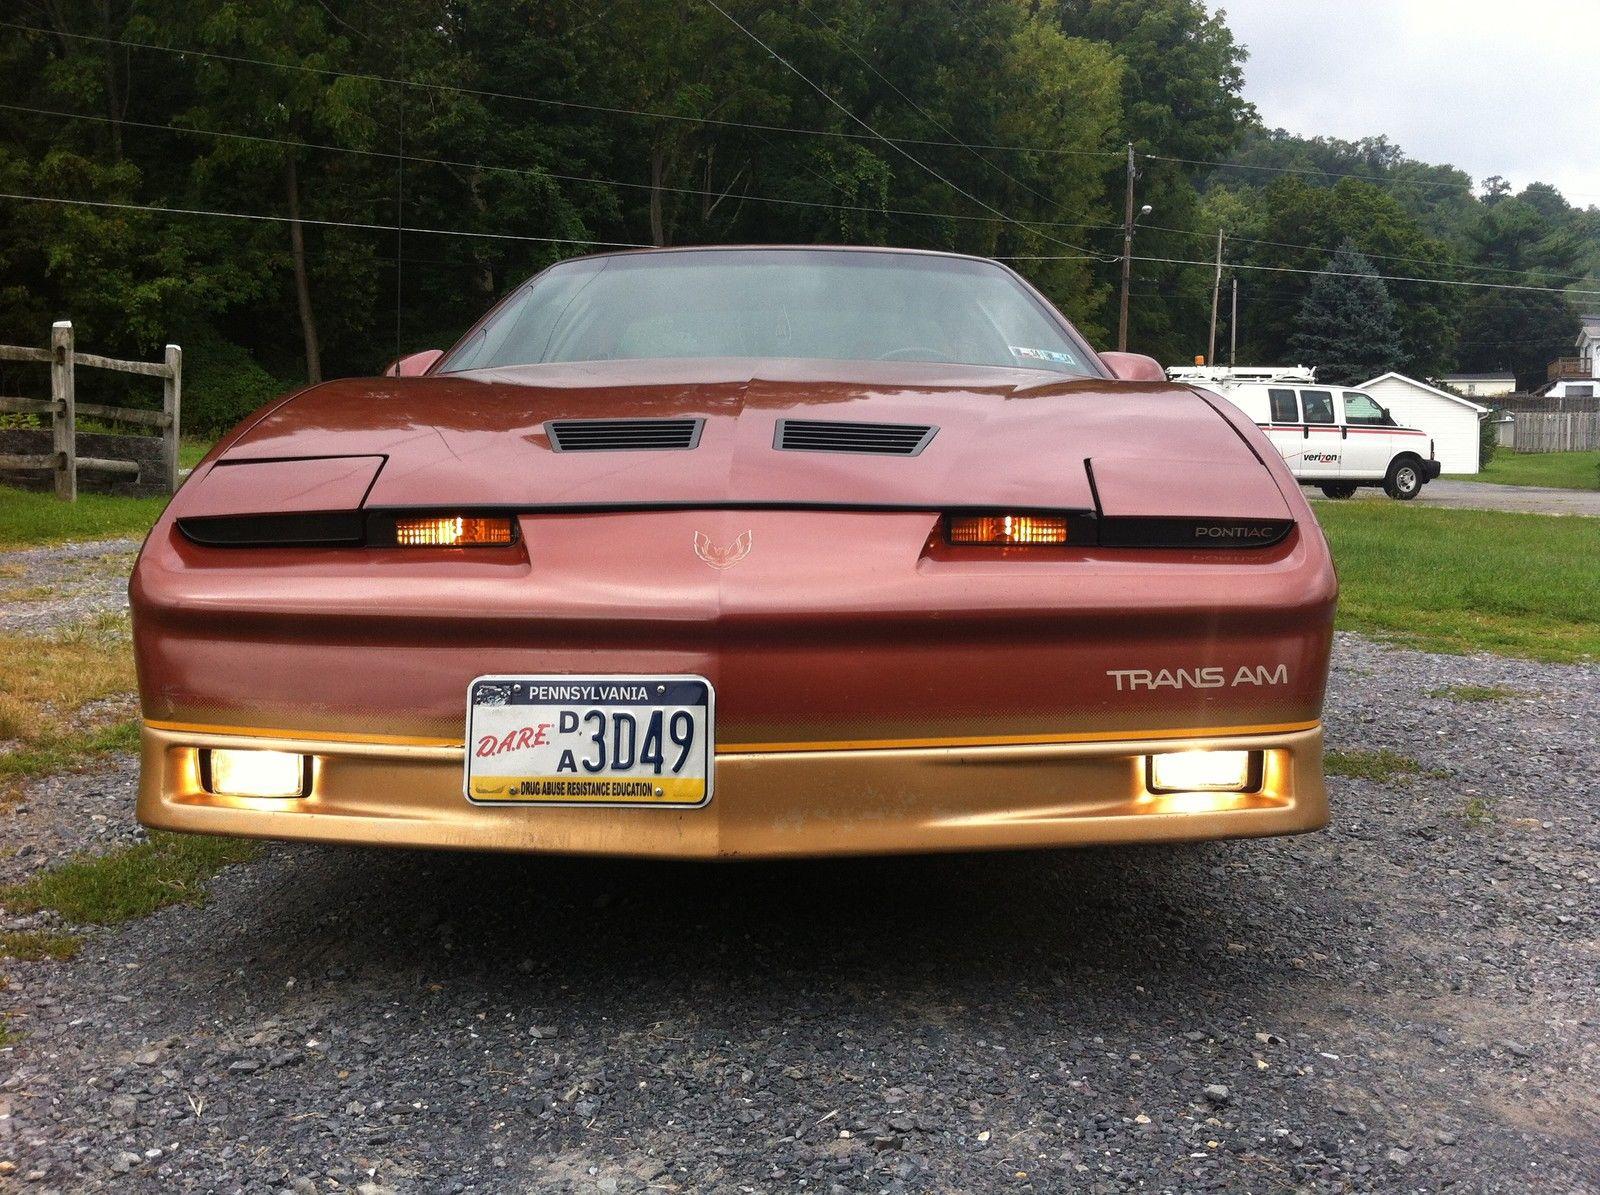 1985 Pontiac Firebird Trans Am related infomation ...  |1985 Firebird Price Bra